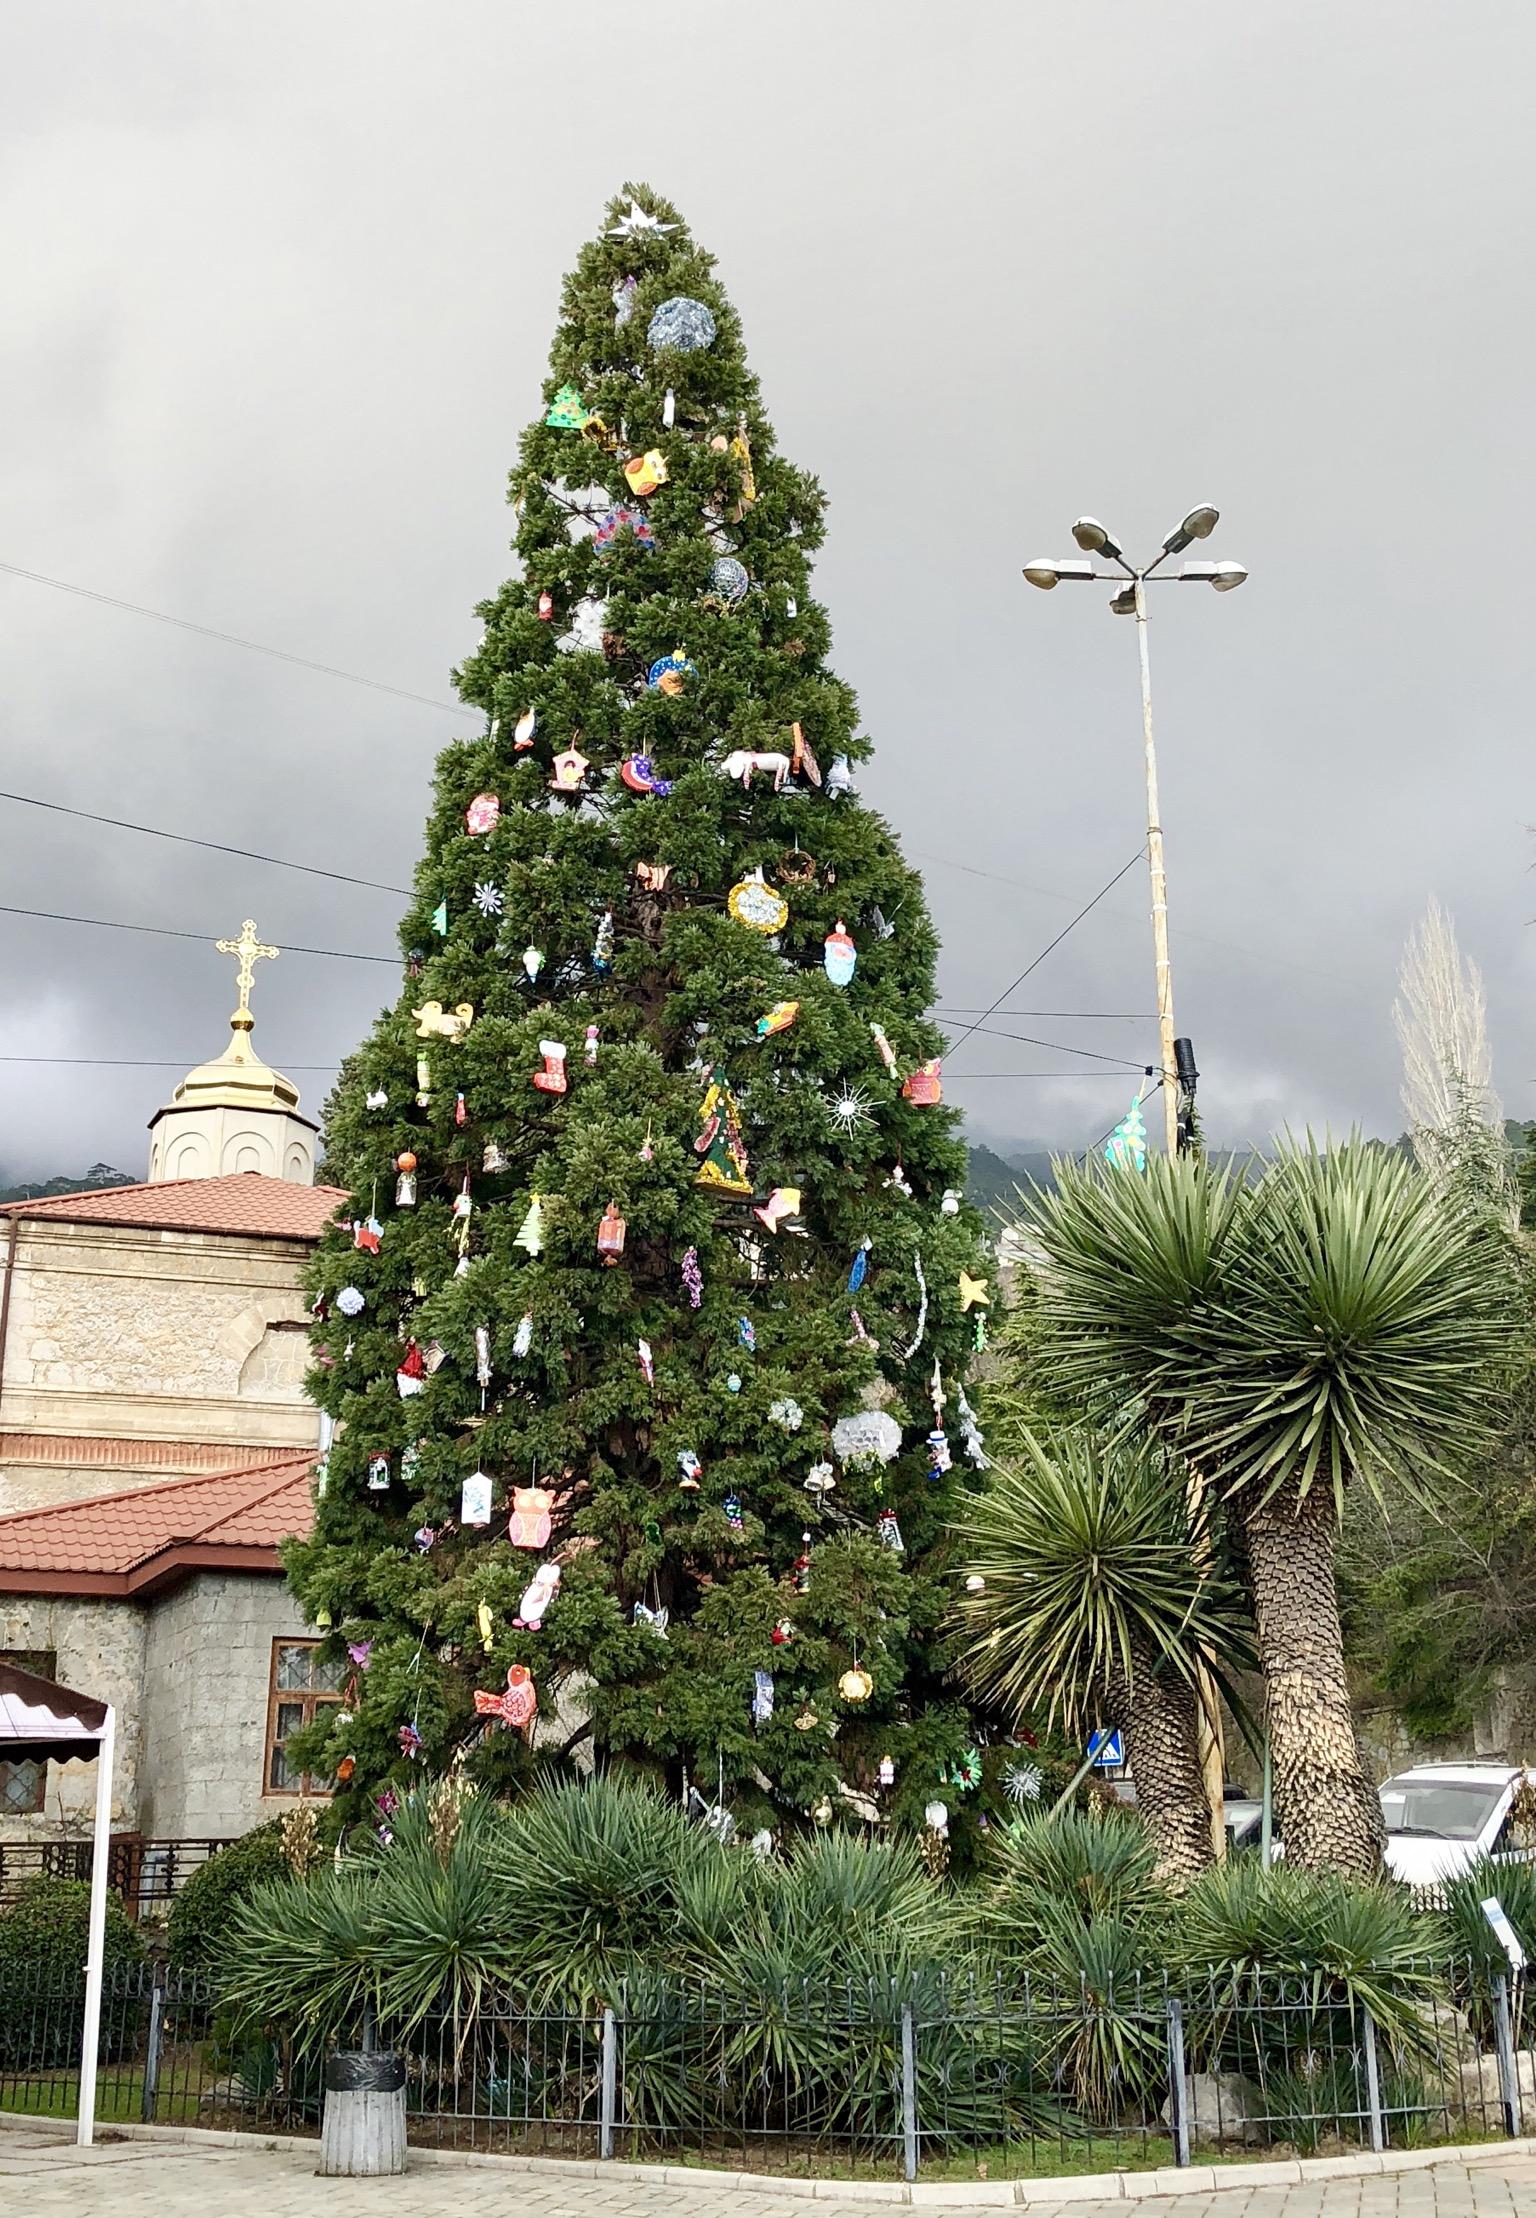 Никитский ботанический сад, Ялта 06.01.2018. Блиц: новогодняя елка